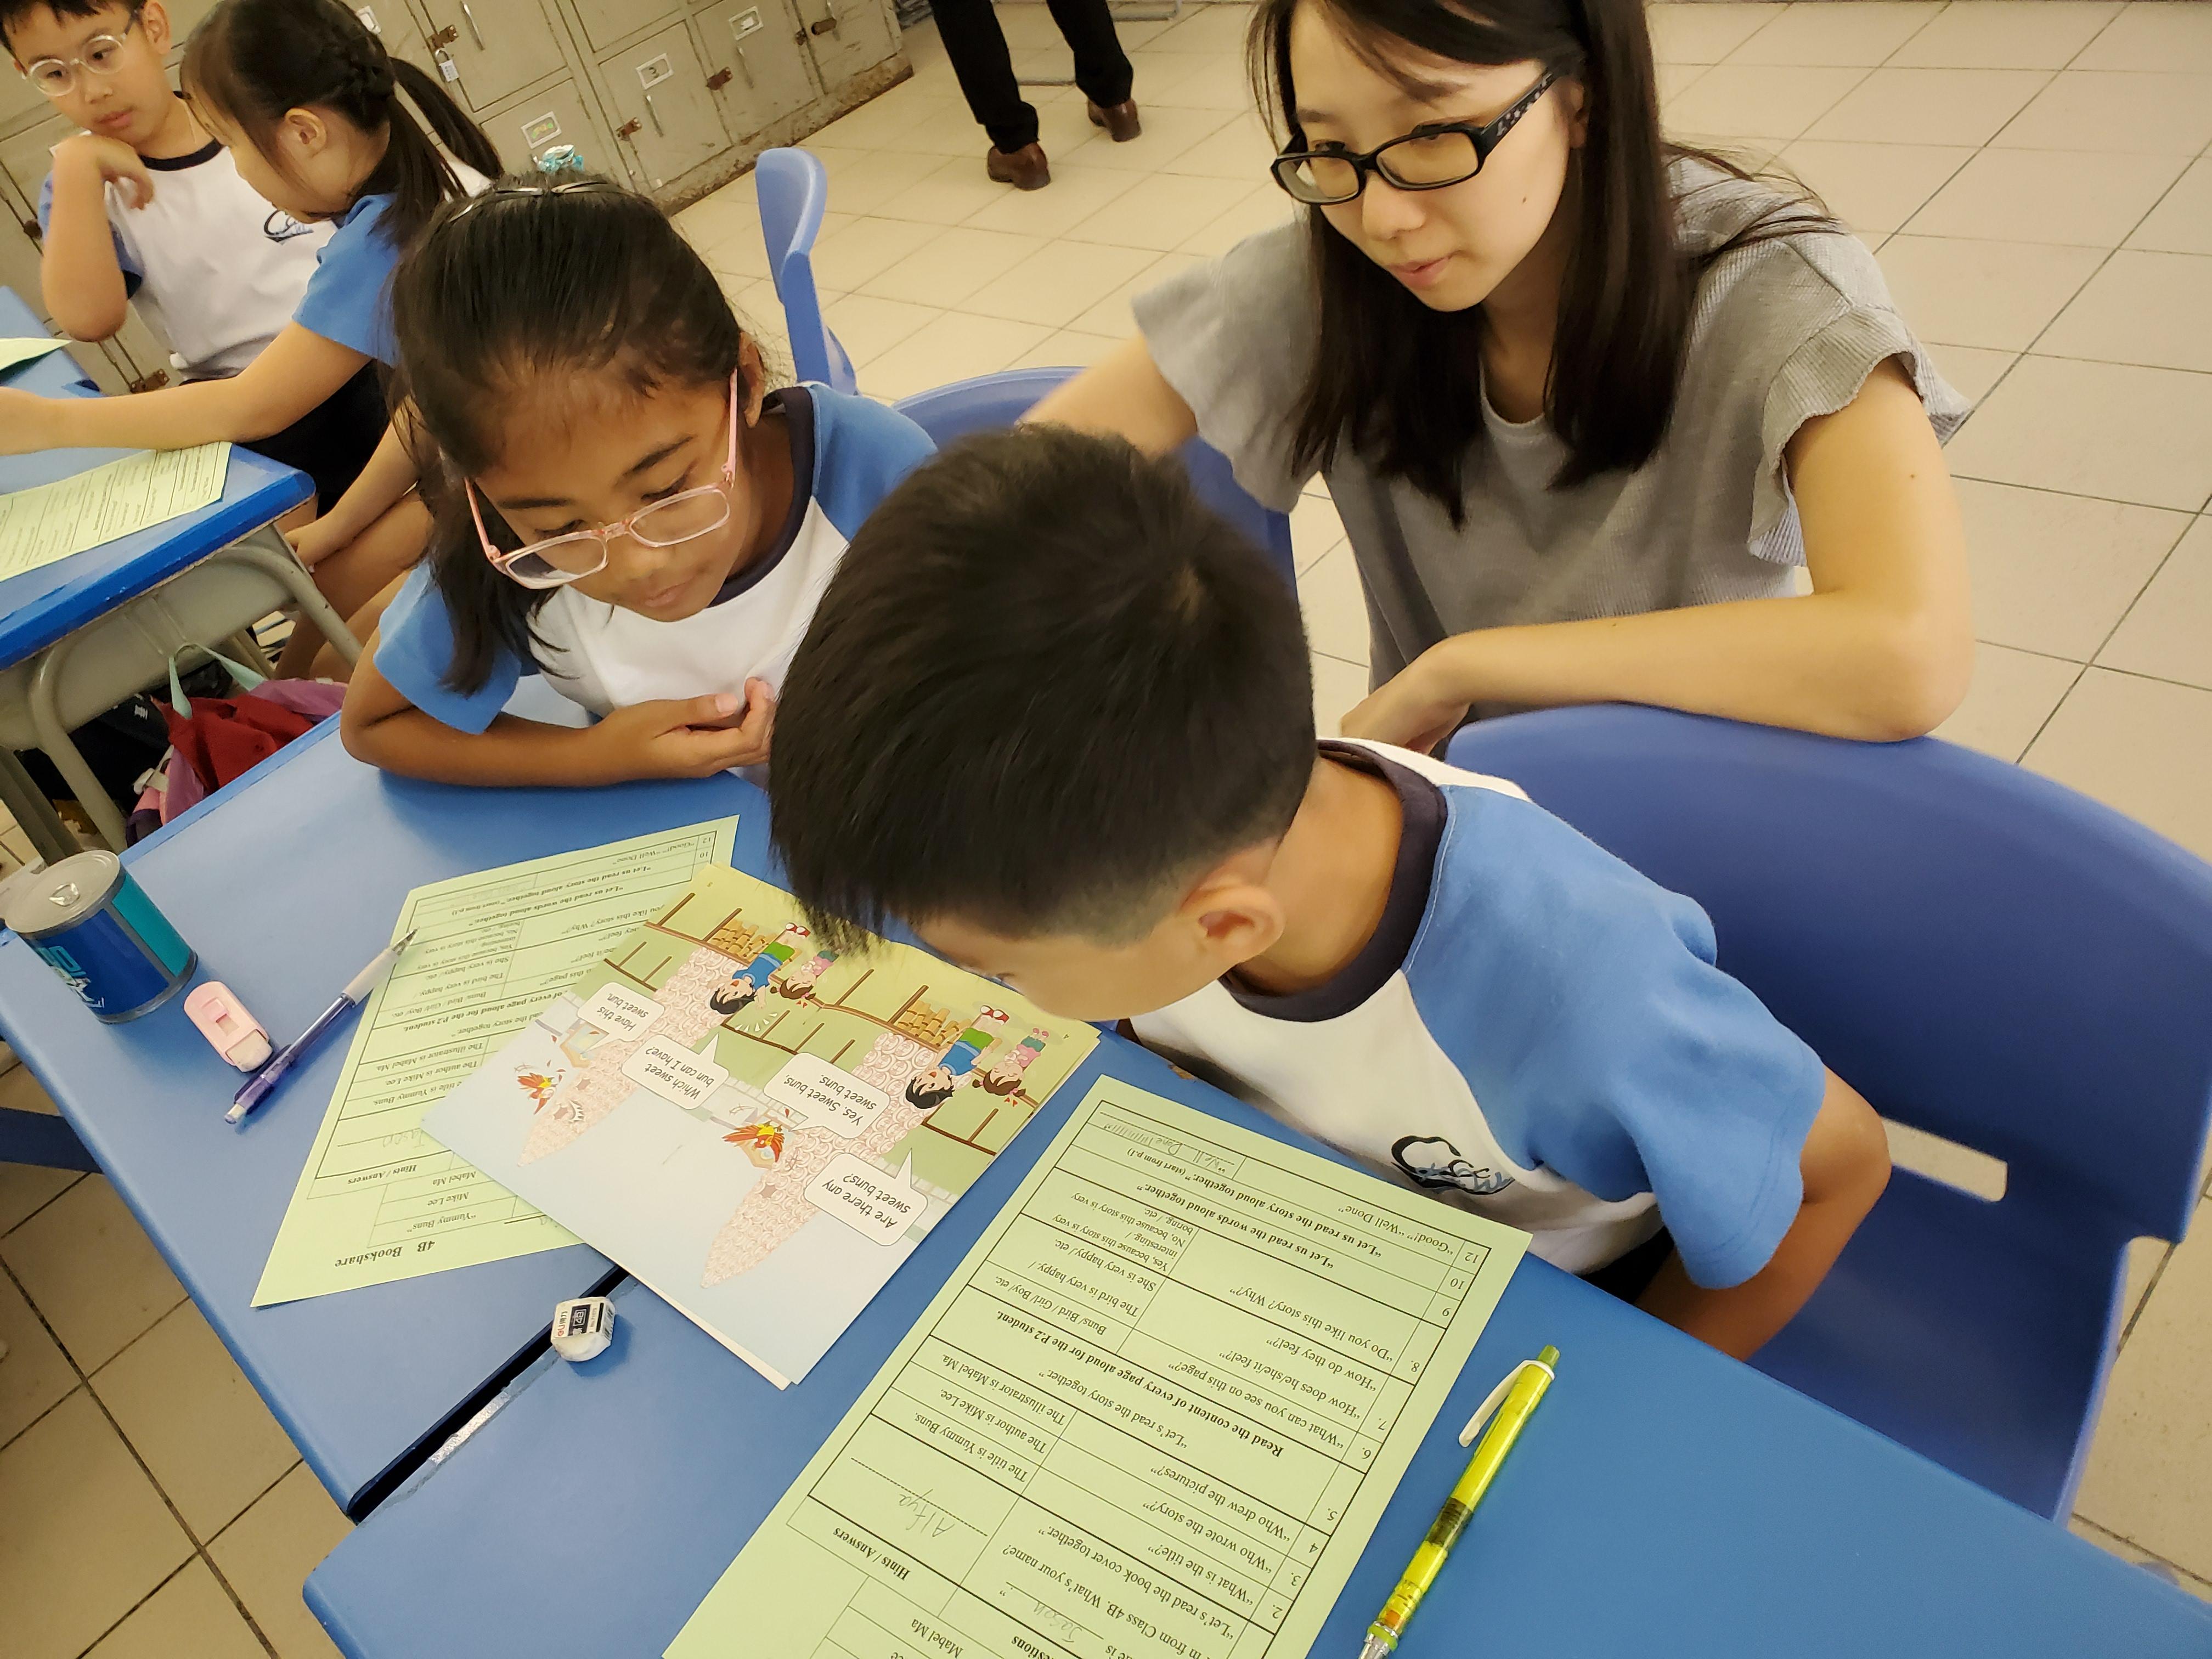 http://www.keiwan.edu.hk/sites/default/files/26_1.jpg